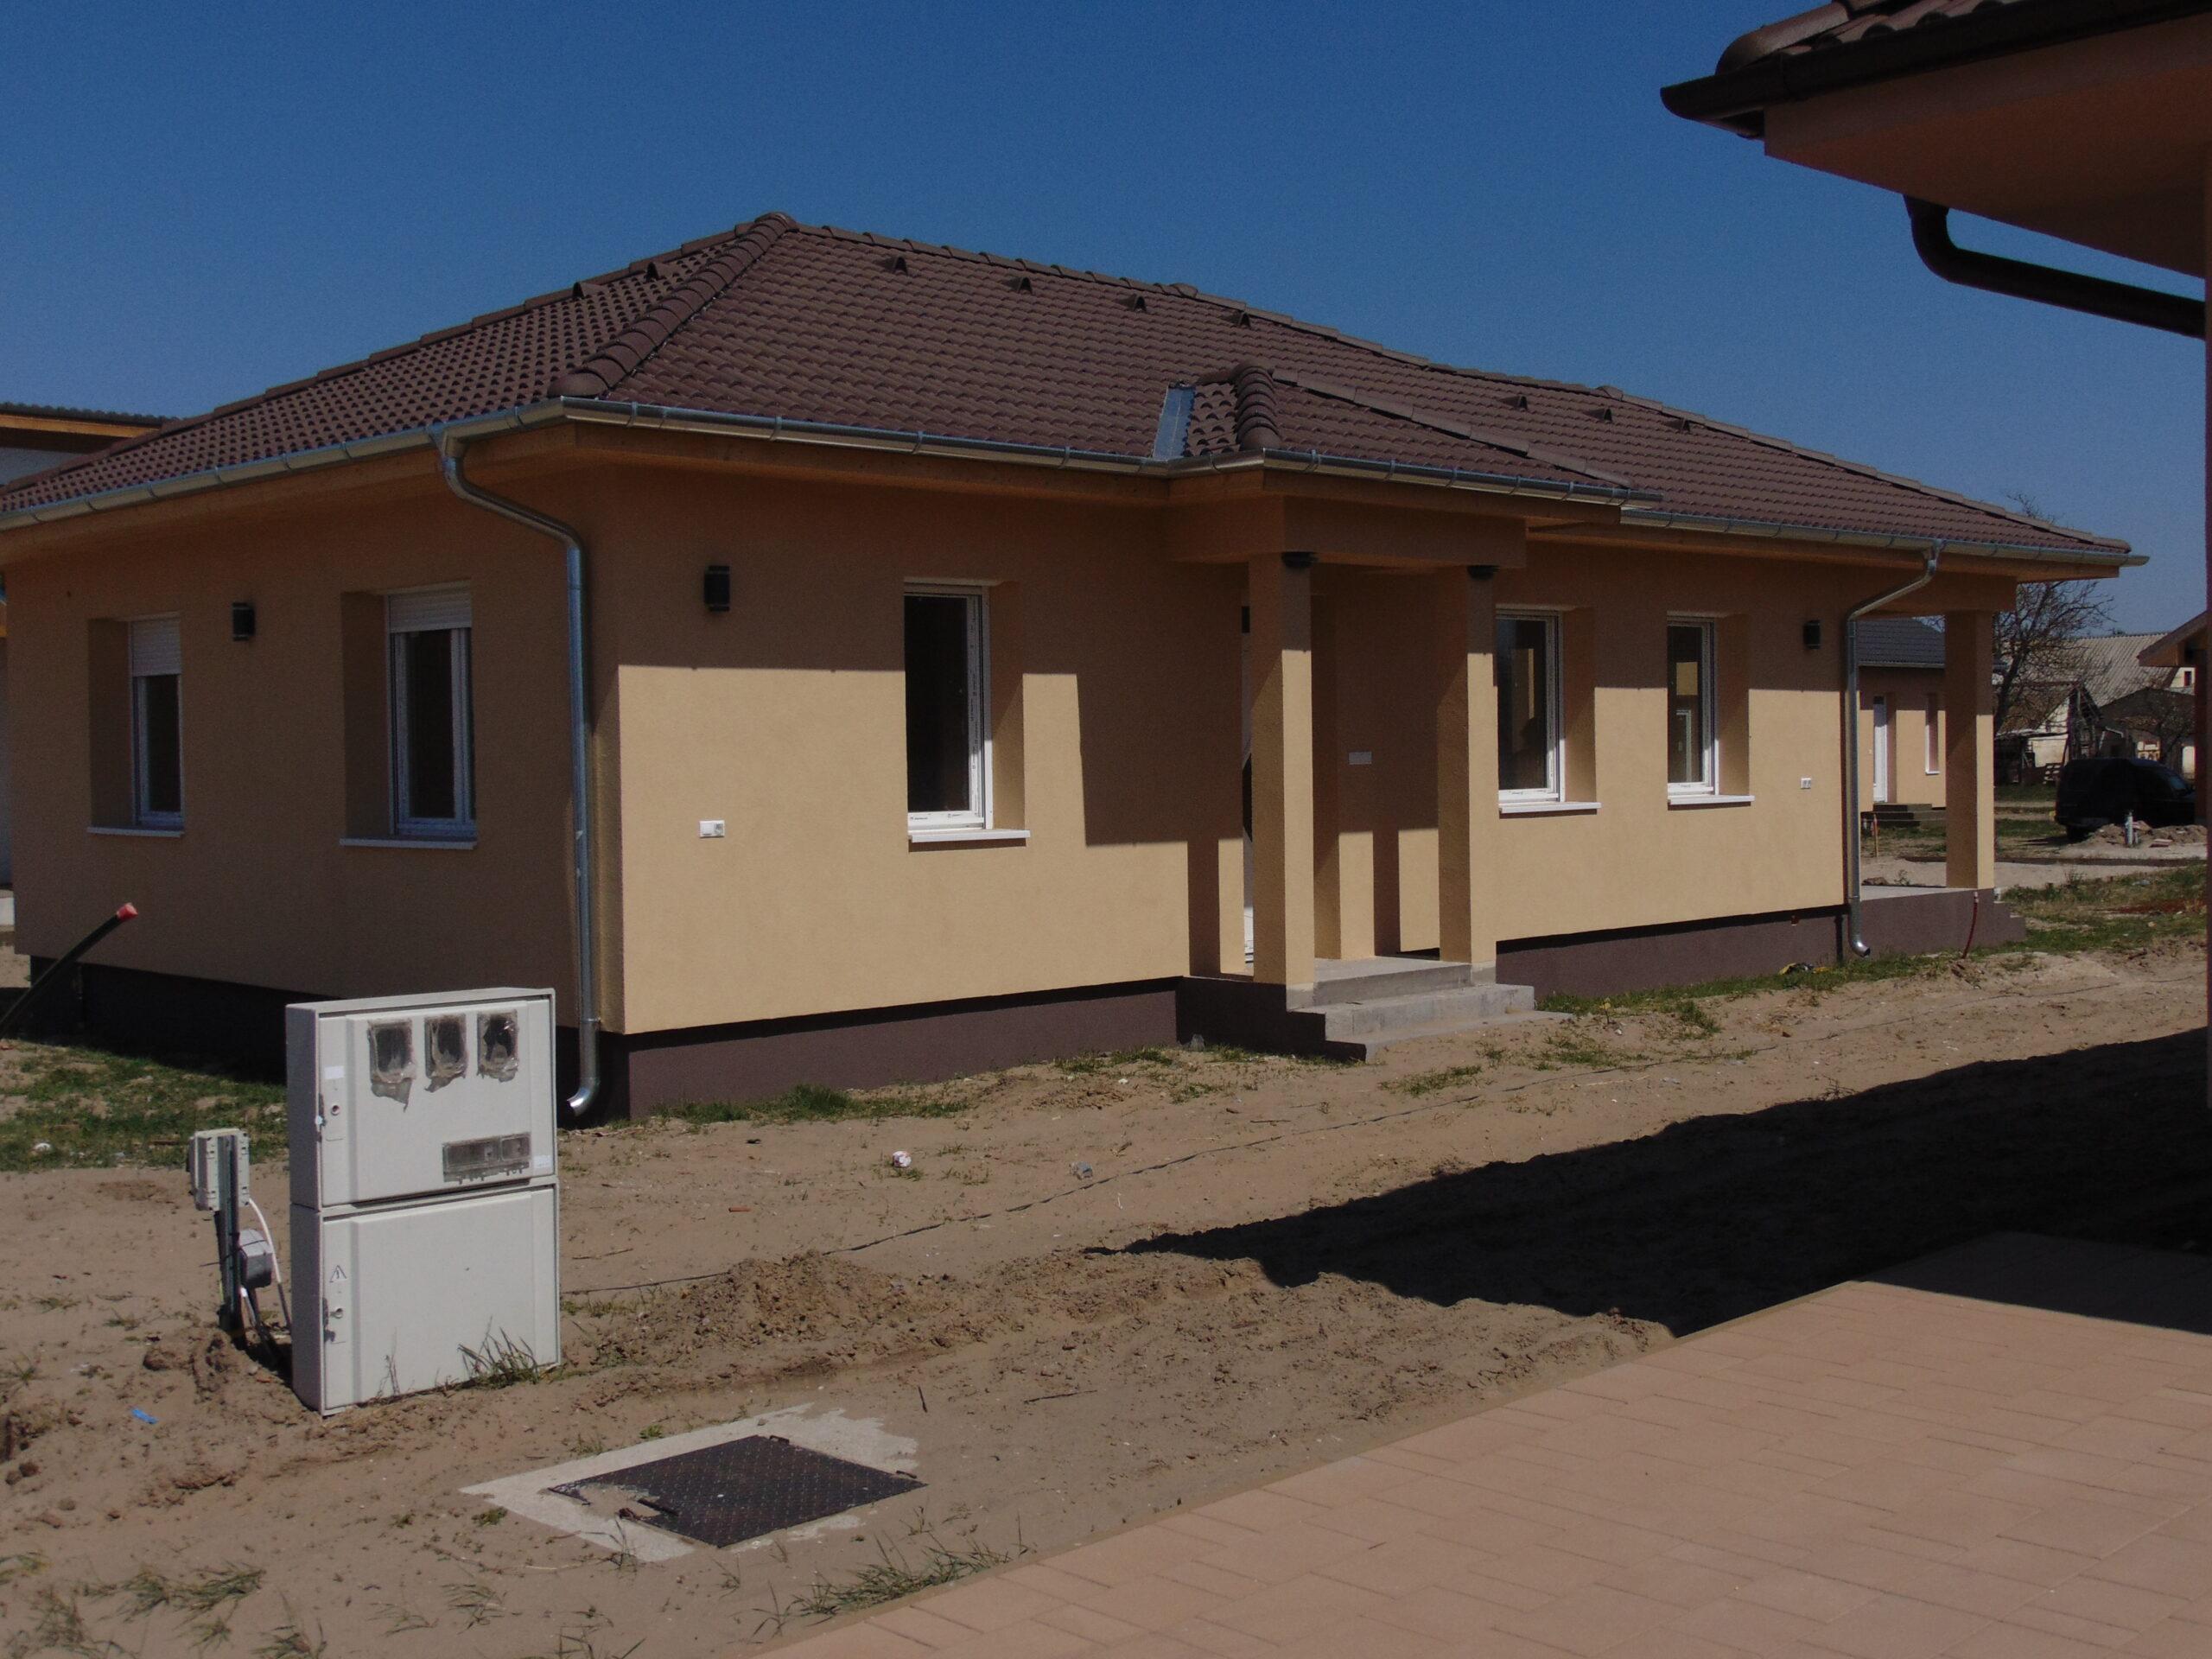 Kecskemét-Kadafalva 85 m² tégla ház a Harkály utcában megrendelhető napelemmel!